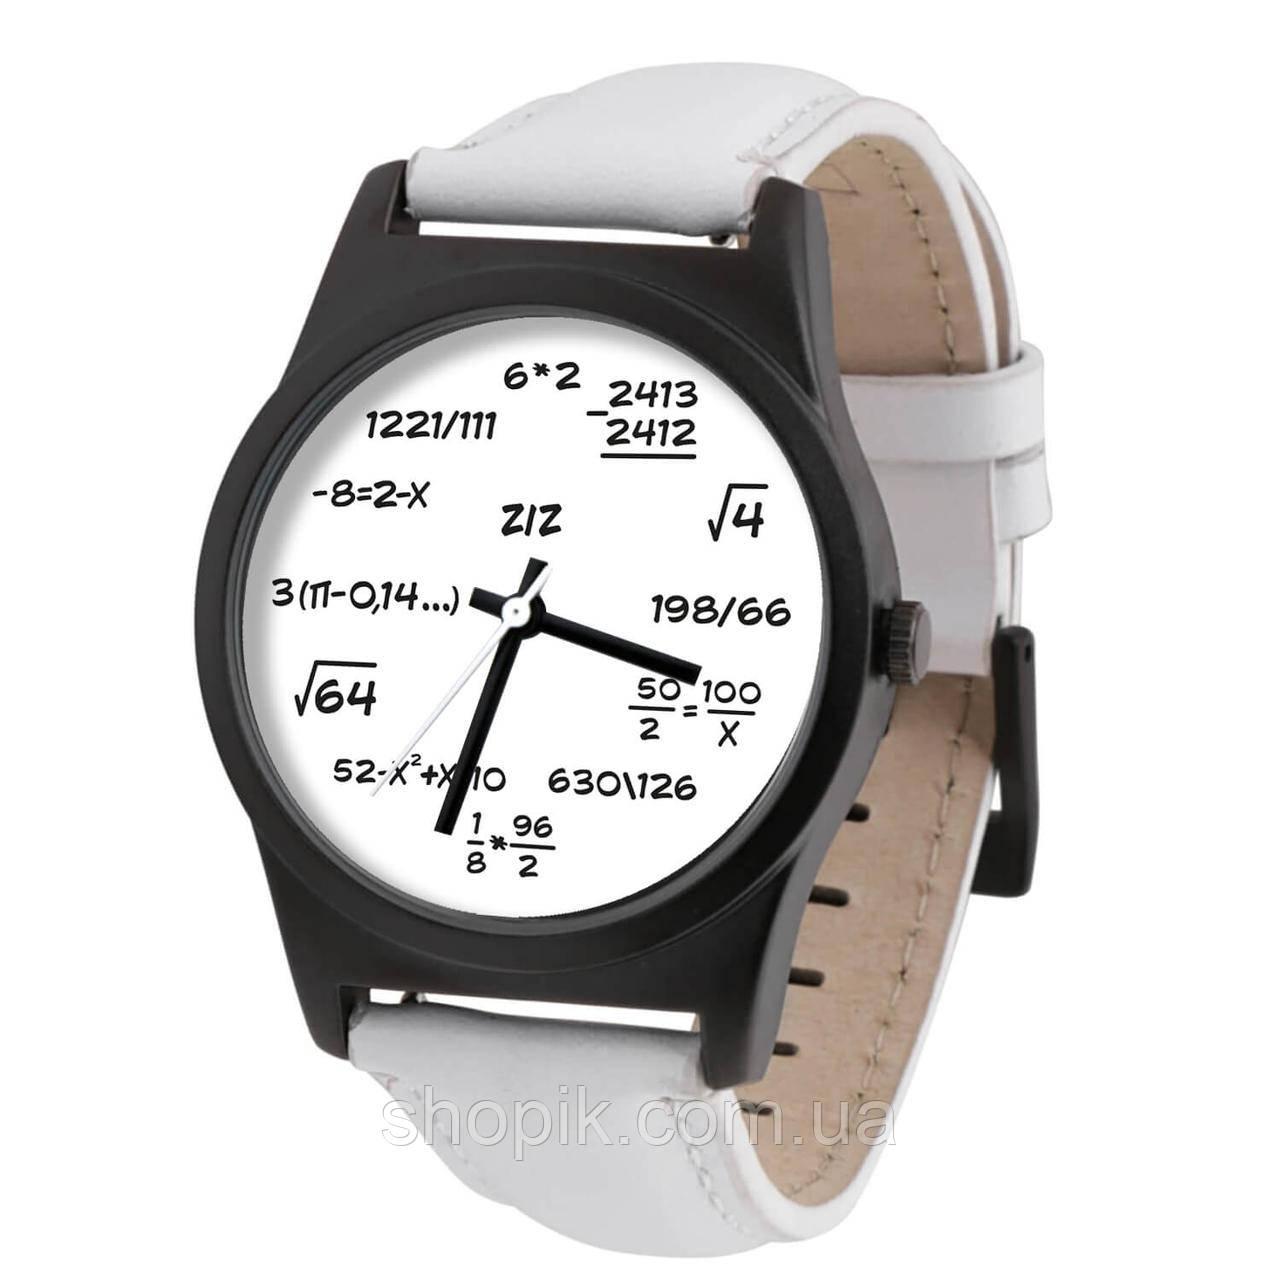 Часы ZIZ Формула + доп. ремешок + подарочная коробка SHOPIK